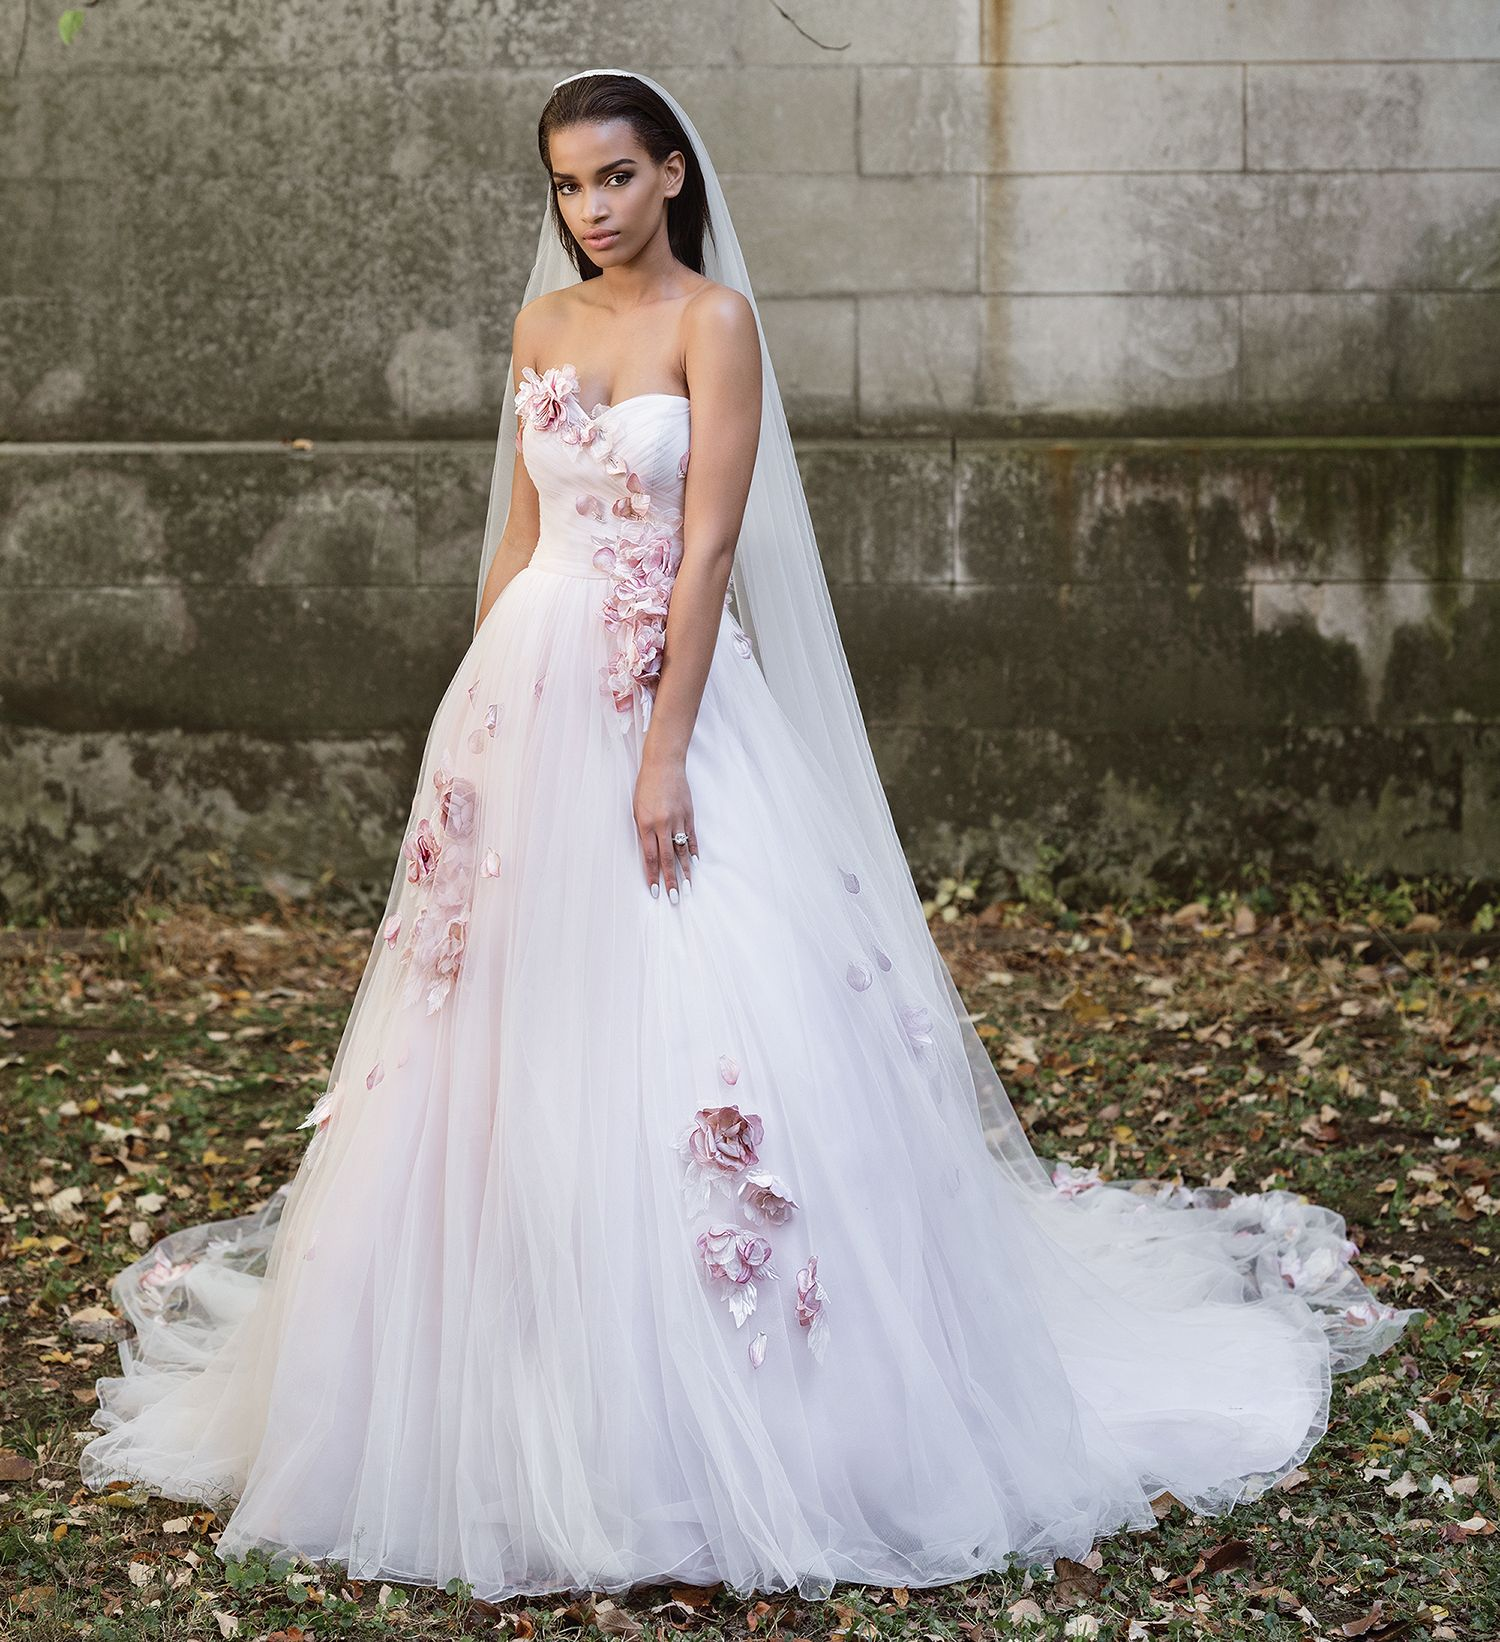 Robe mariage fleurs de soie justin alexander 9865 for Vente de liquidation de robe de mariage